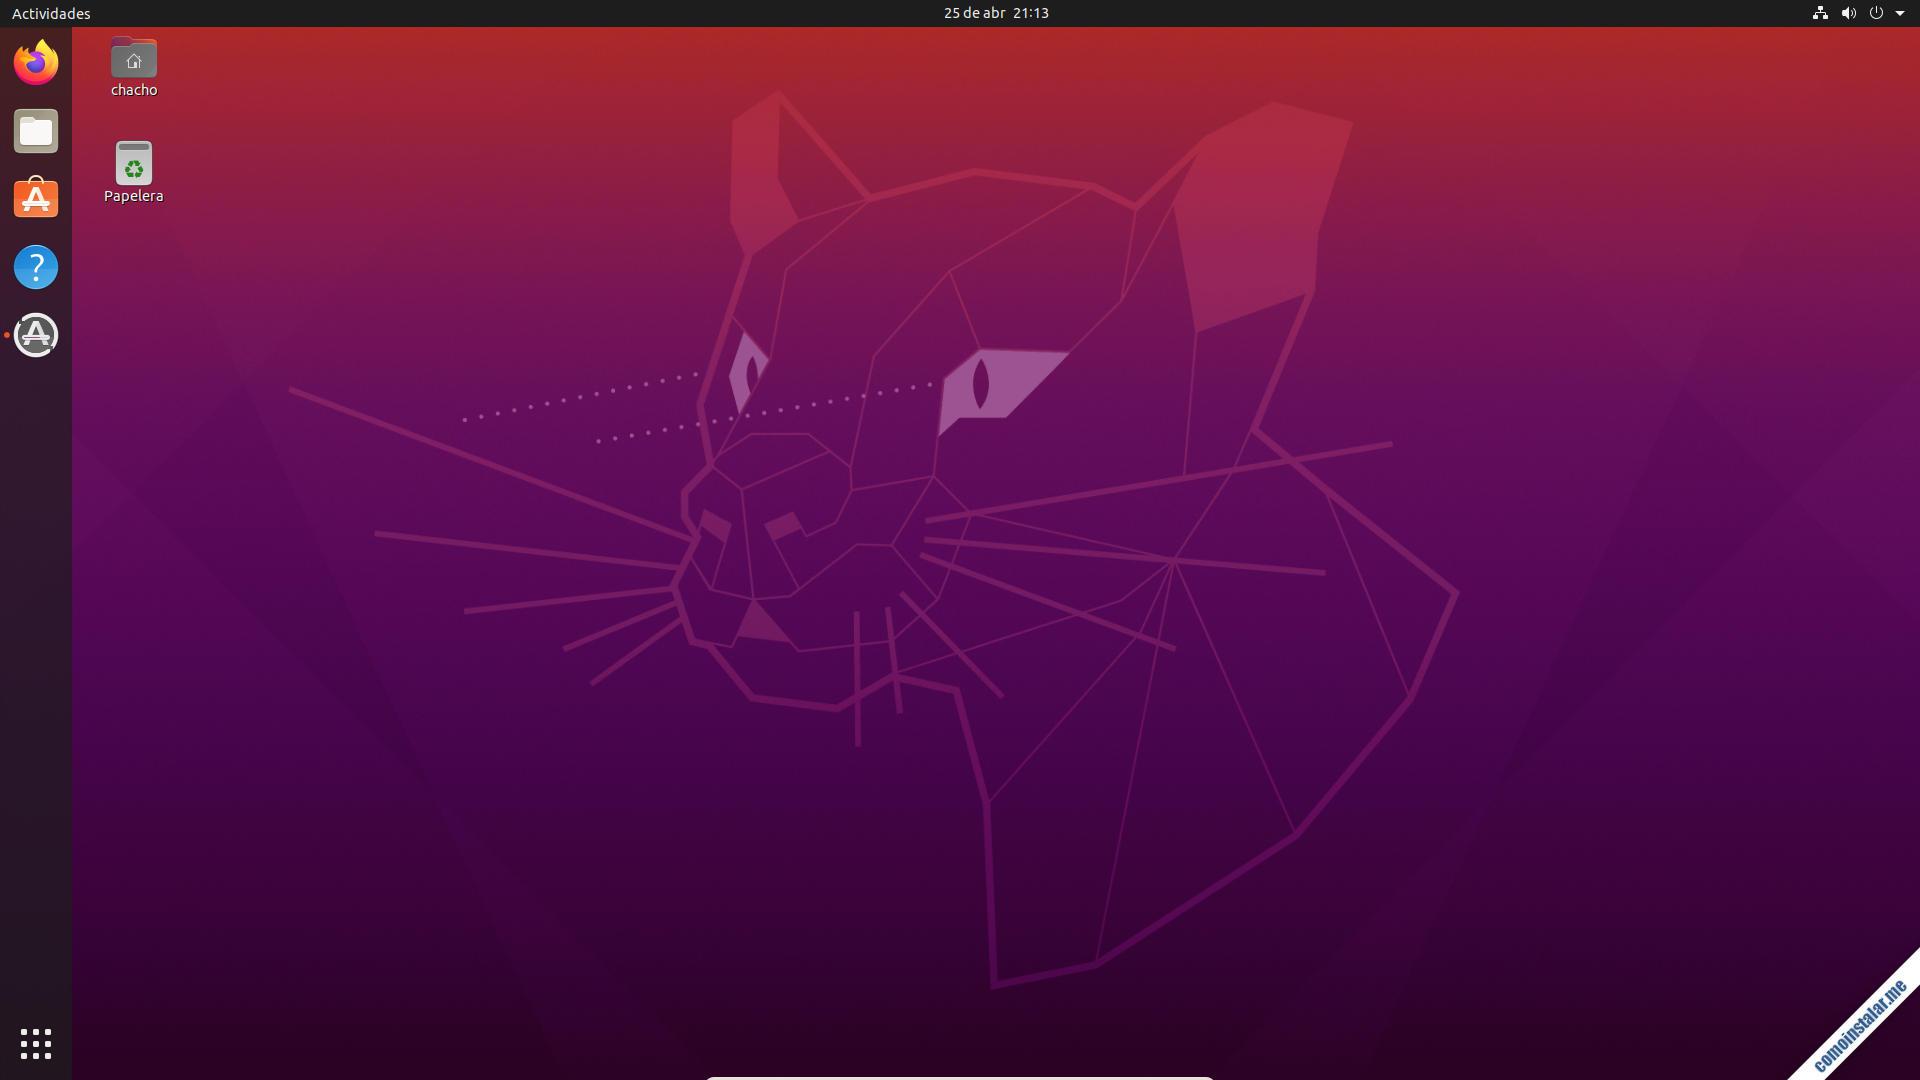 ubuntu 20.04 focal fossa en virtualbox